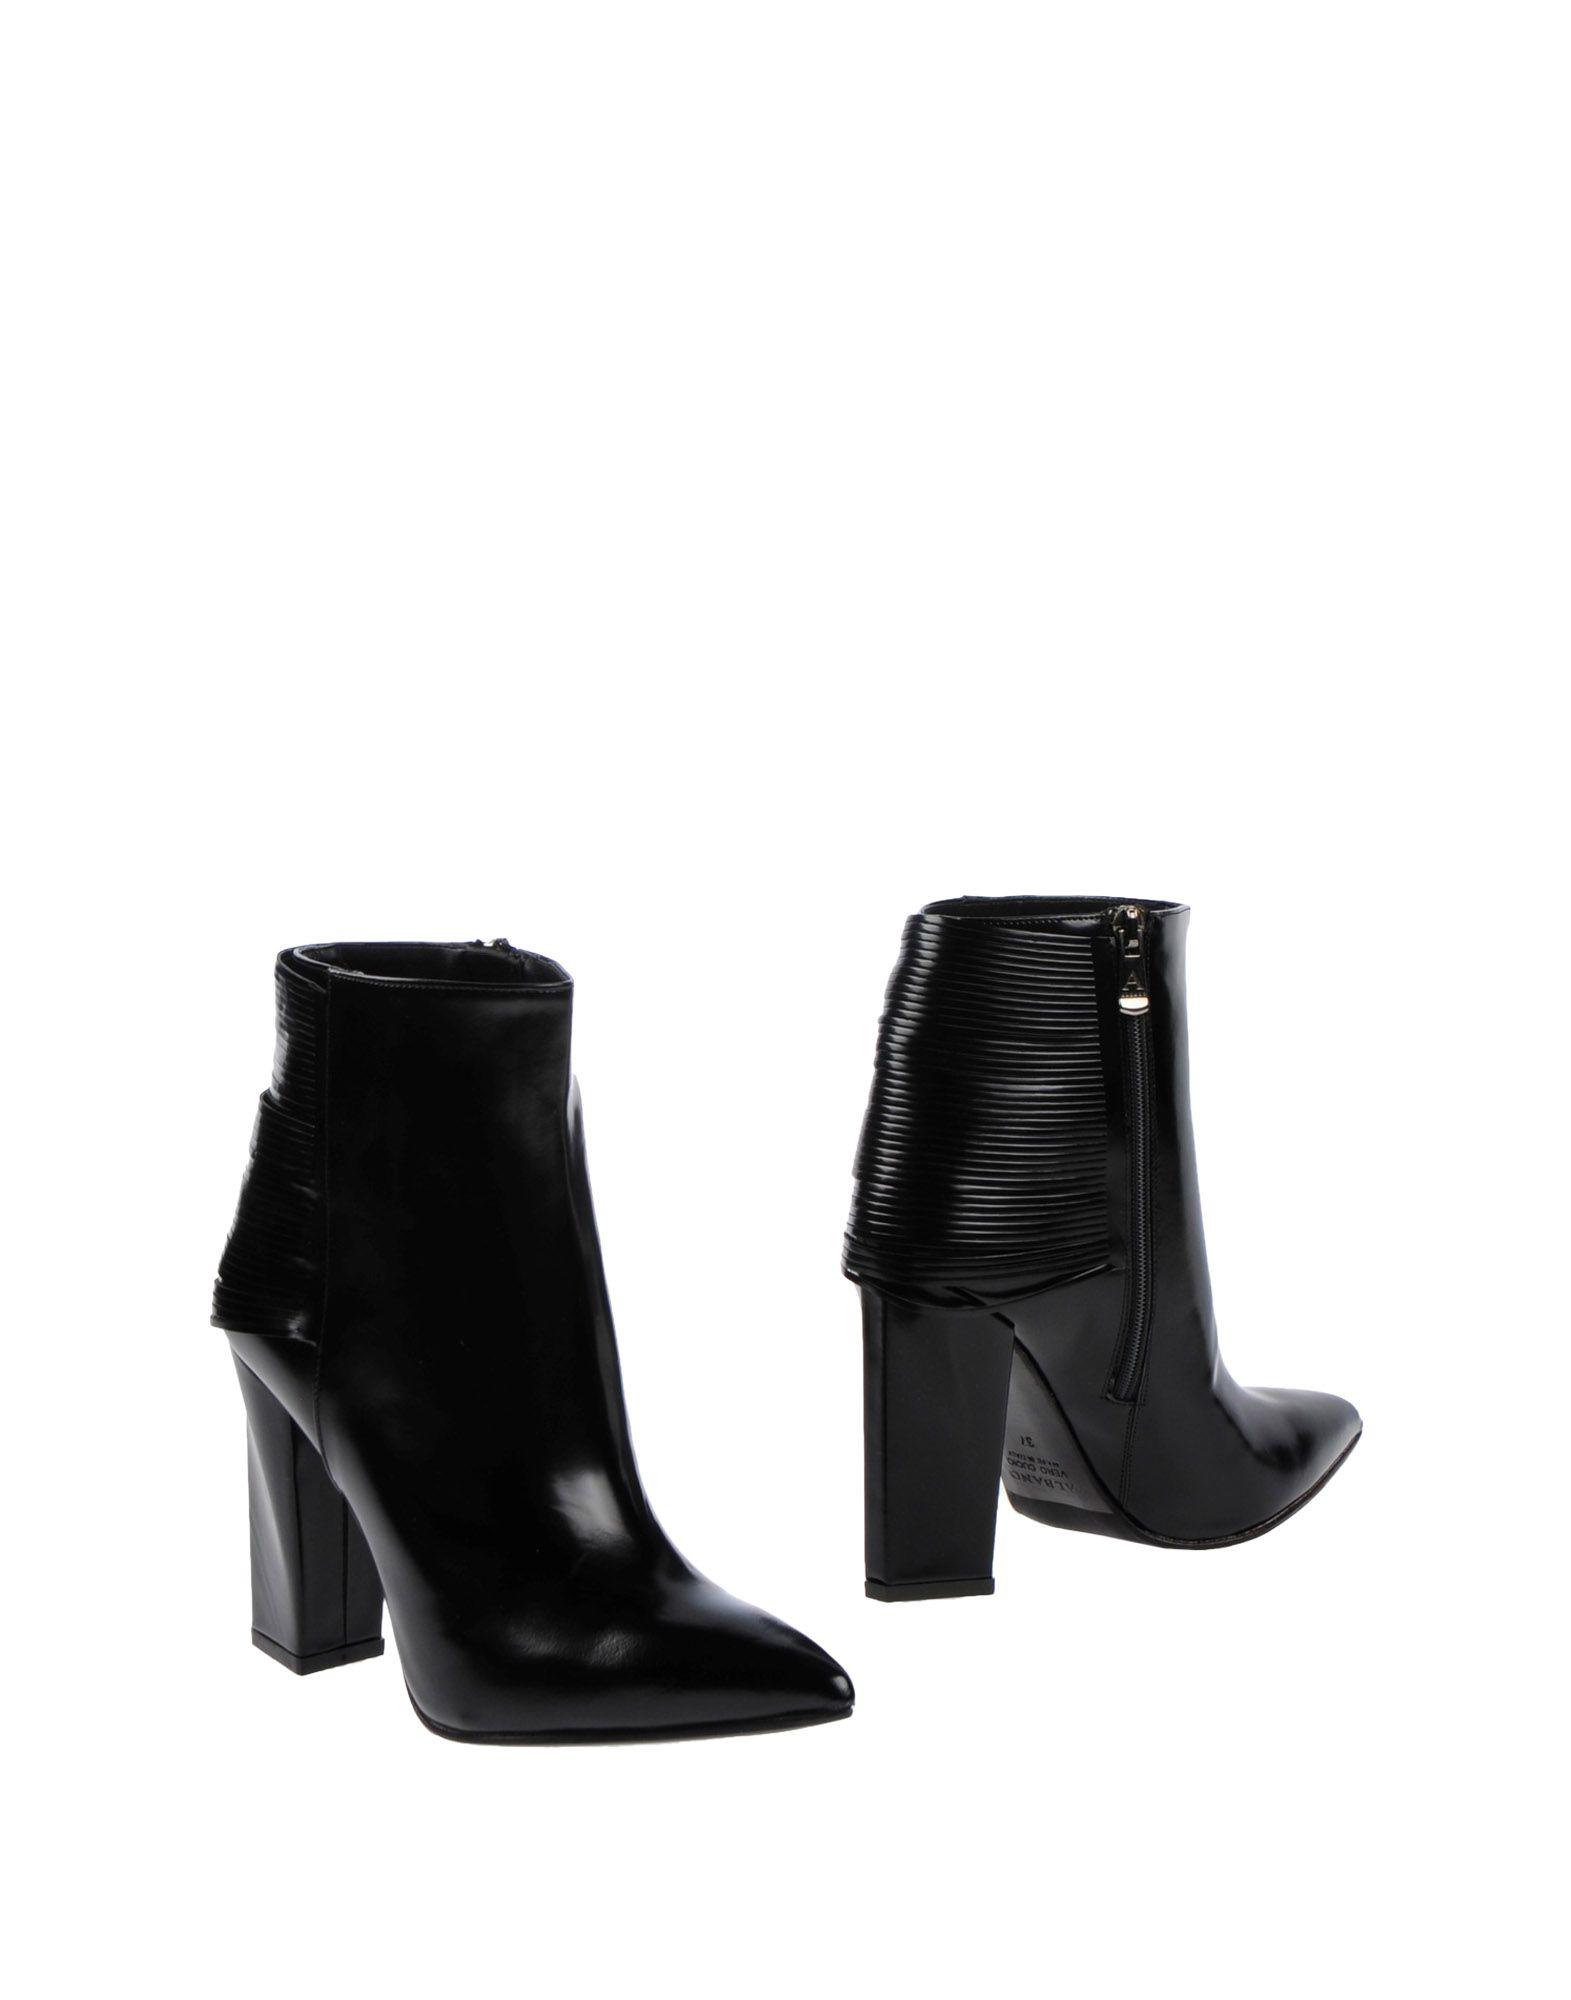 Albano Stiefelette Damen  11423691KX Gute Qualität beliebte Schuhe